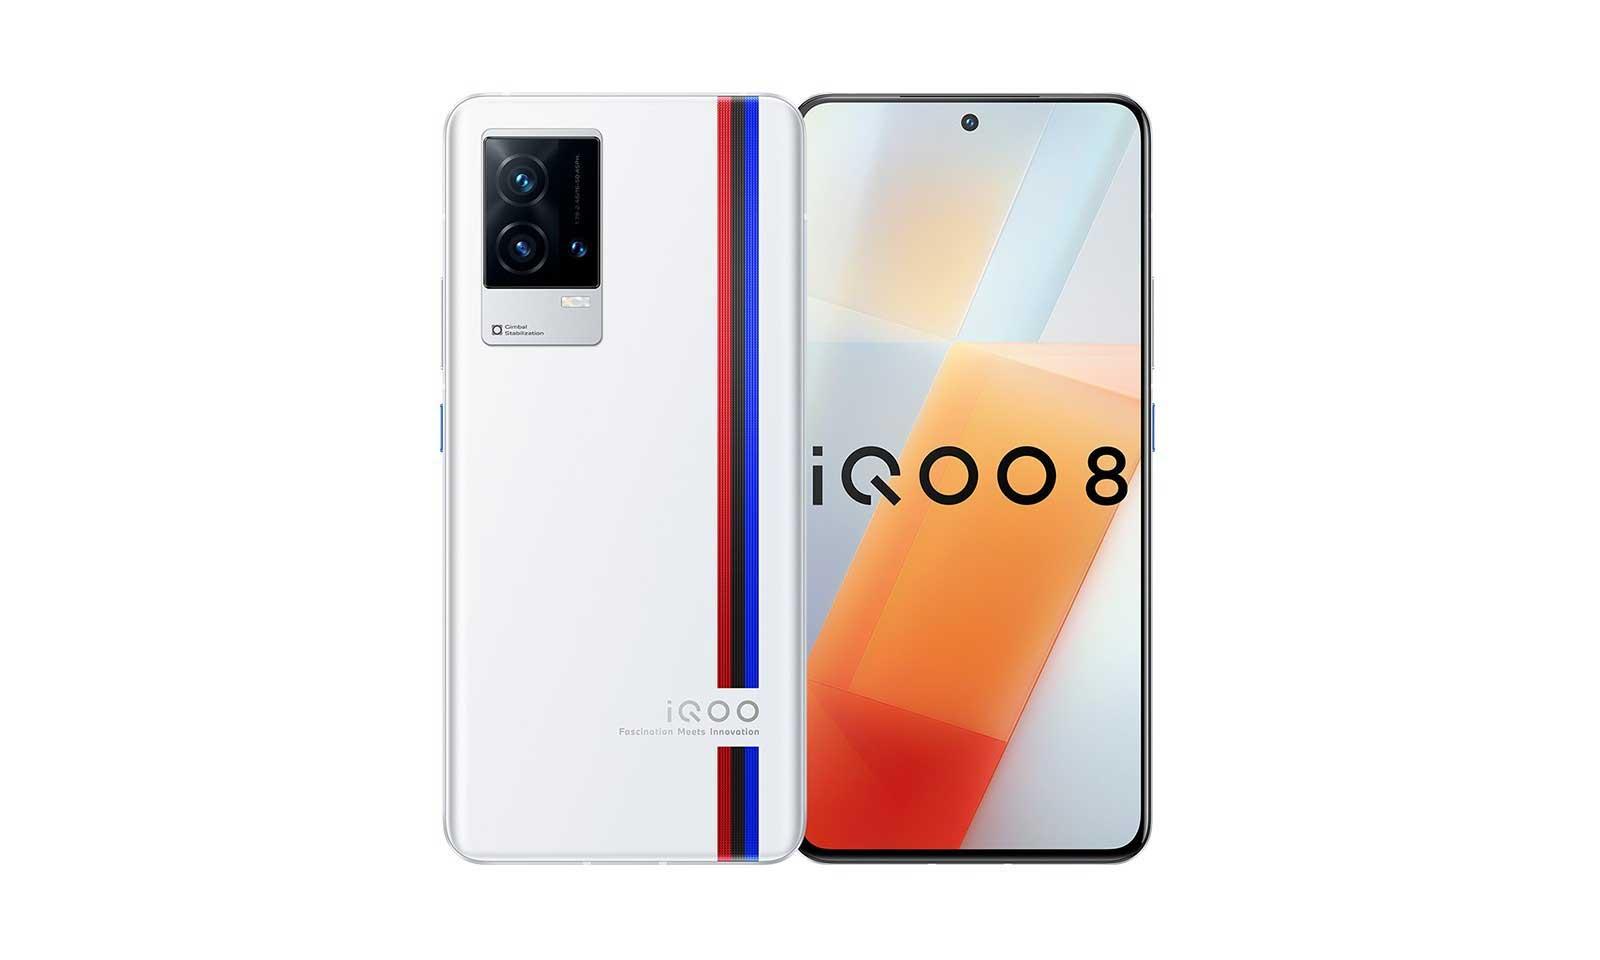 Harga Spesifikasi Vivo Iqoo 8 kamera ram sistem operasi baterai indonesia